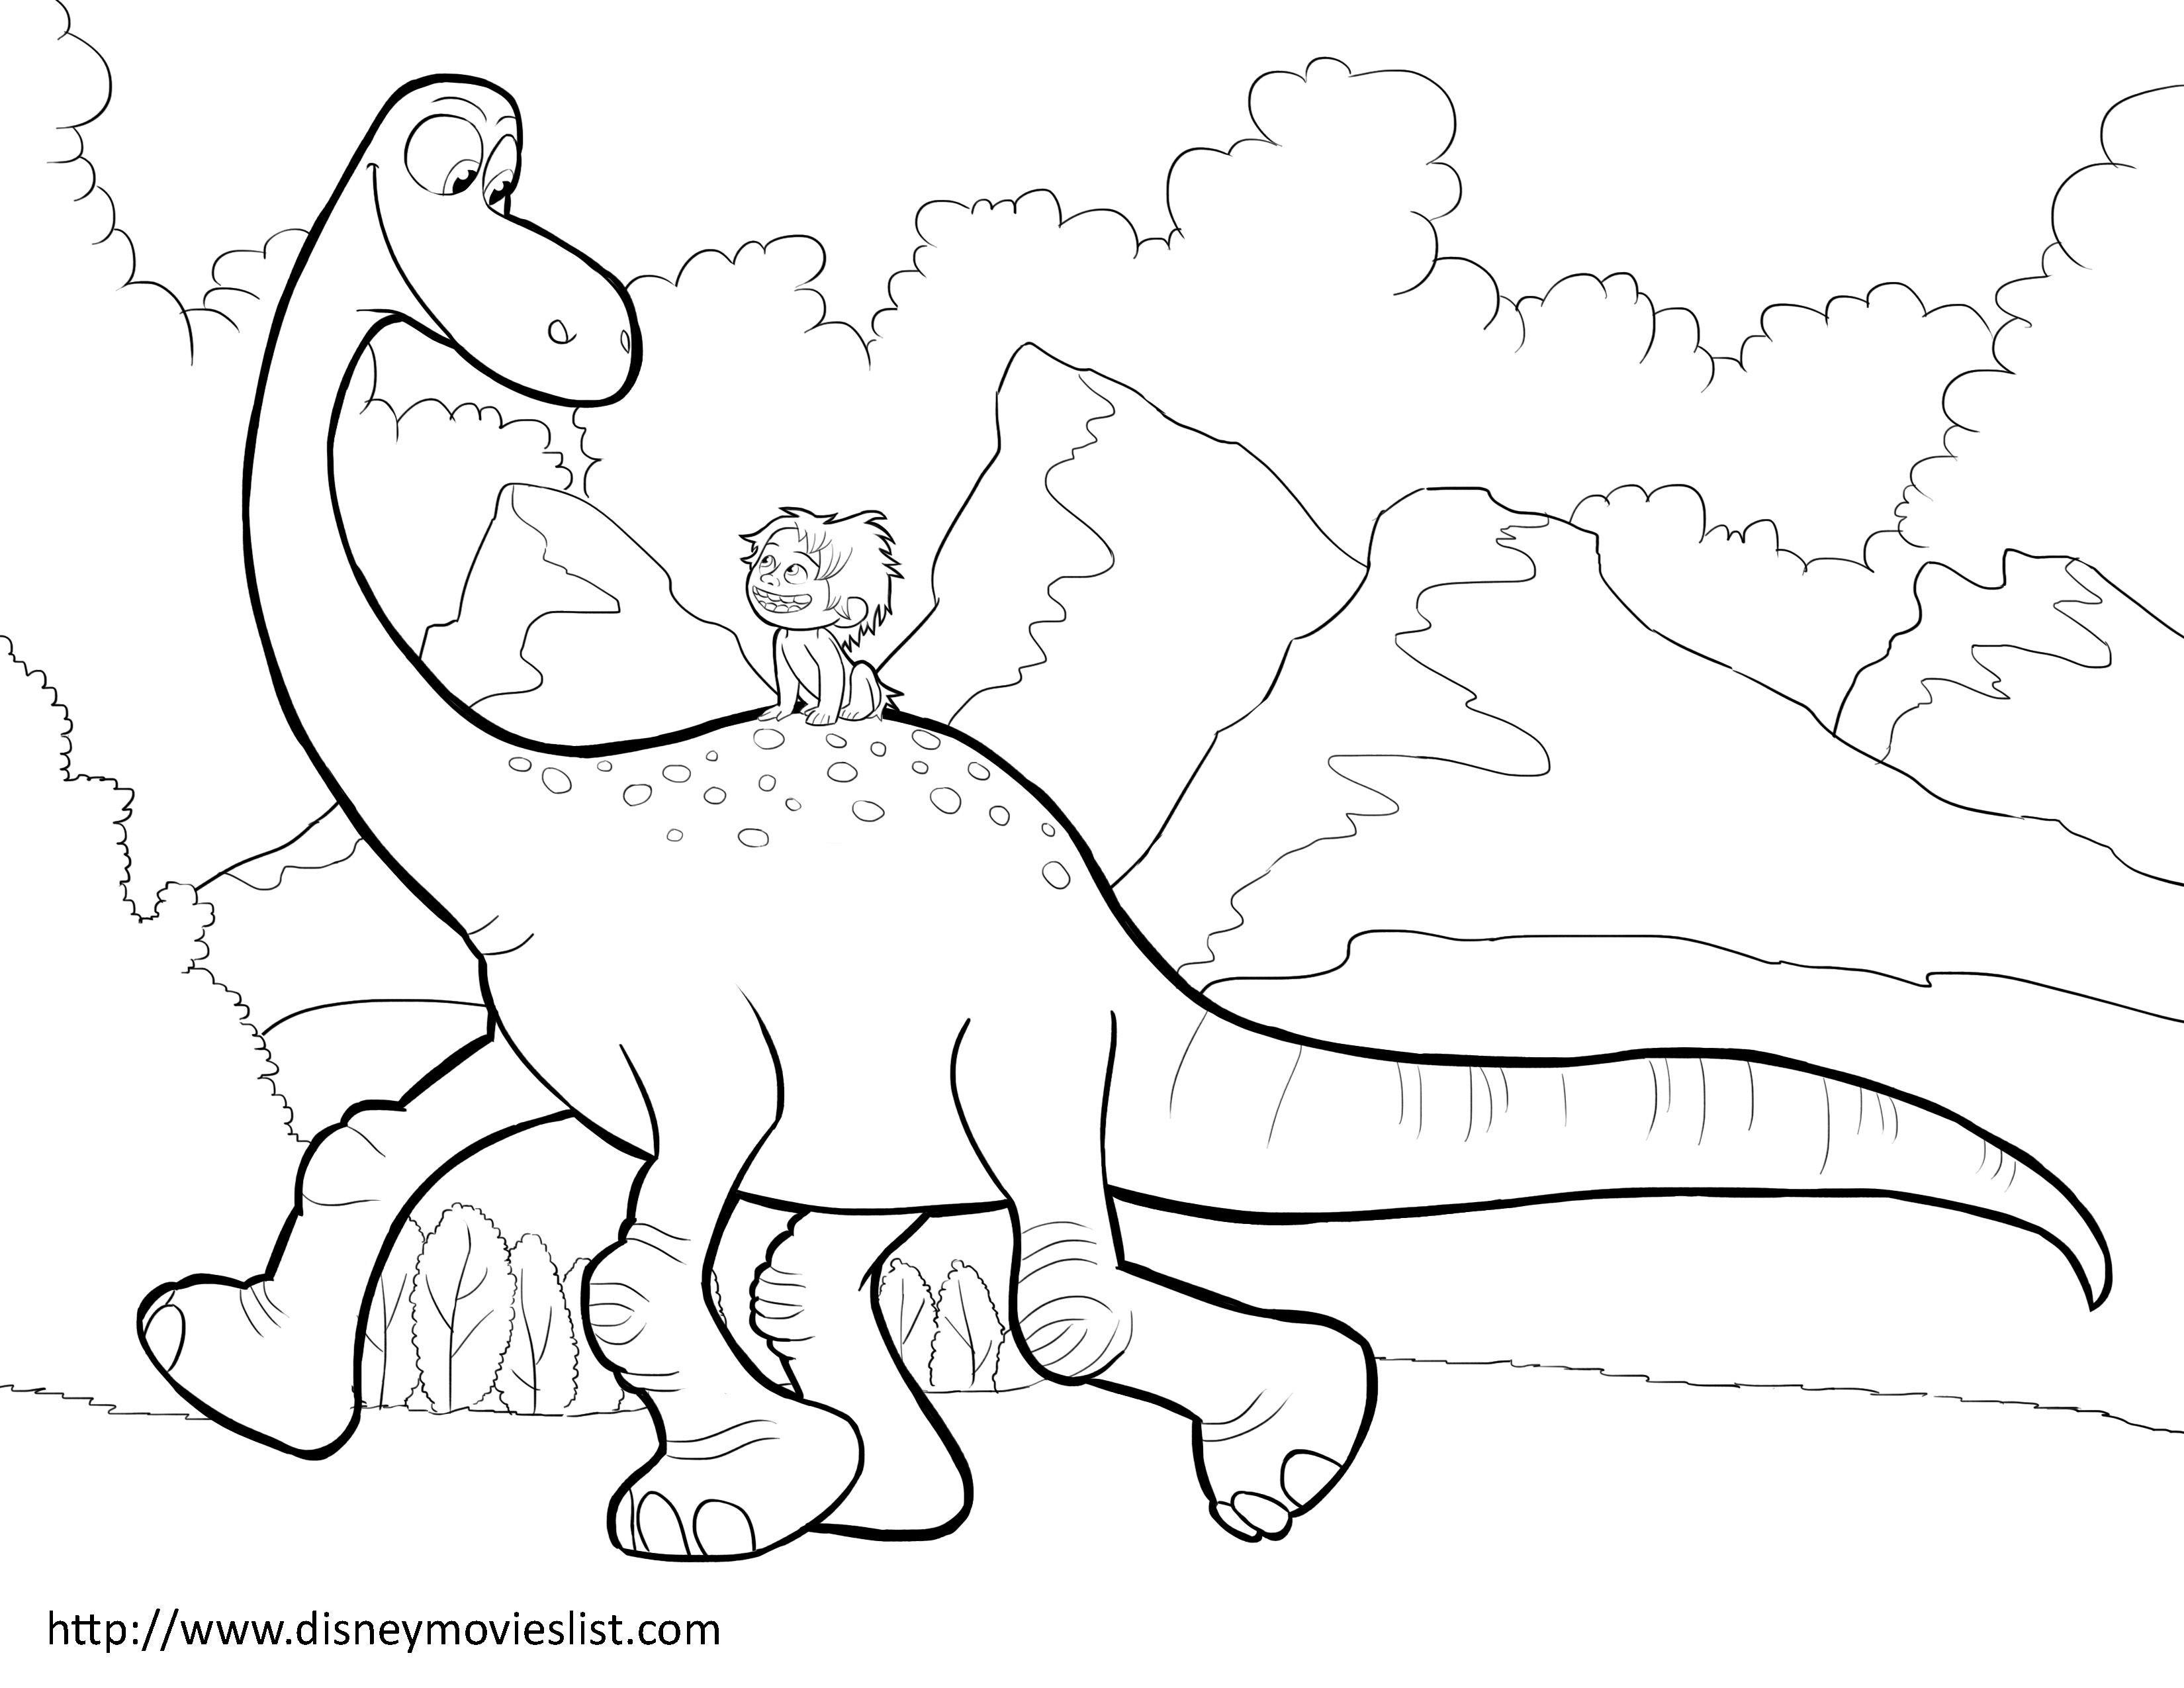 Dino Zug Ausmalbilder Genial 35 Ausmalbilder Dino Zug Scoredatscore Schön Ausmalbilder Arlo Und Bilder